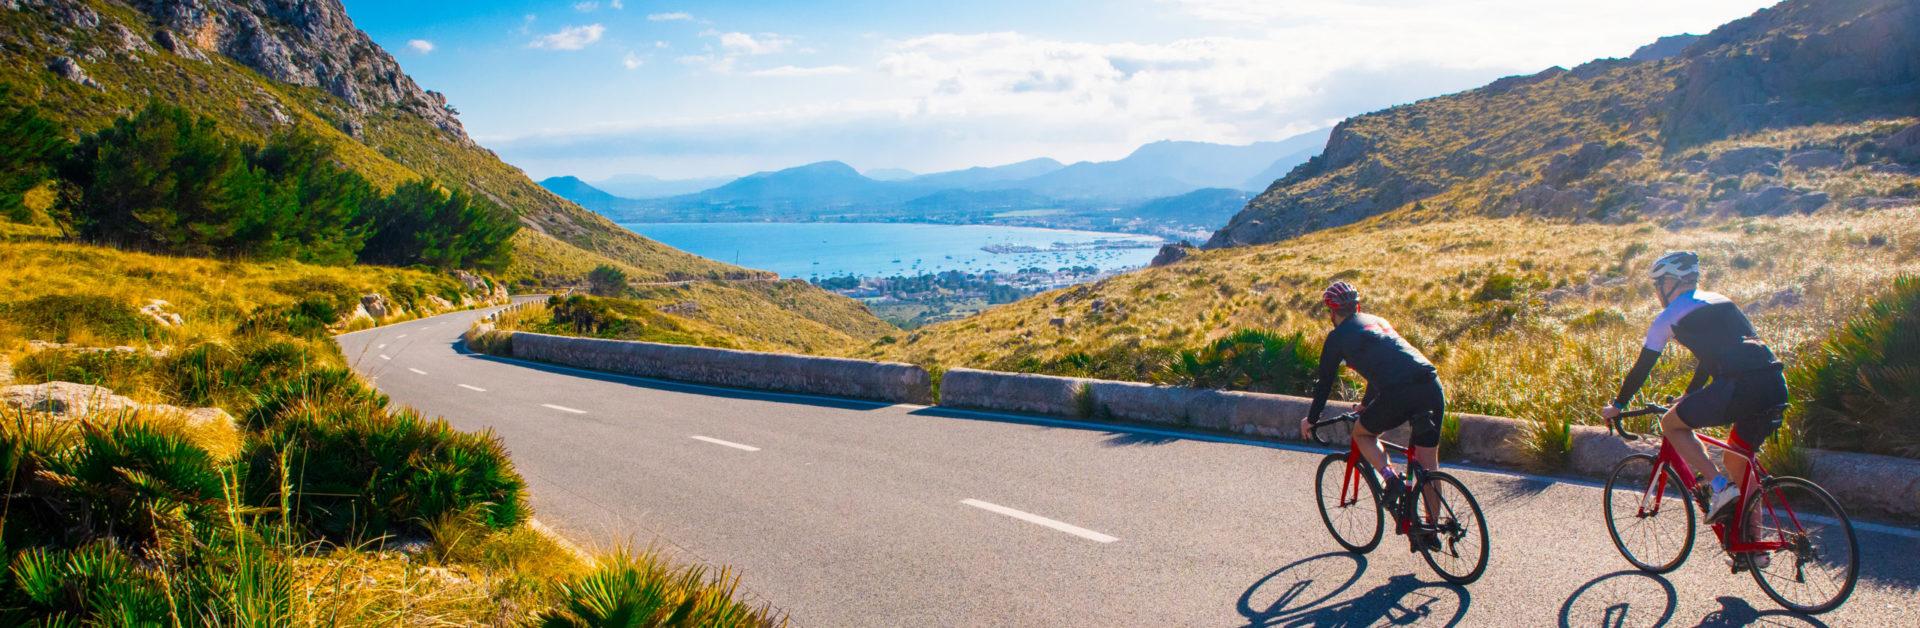 Vacances à vélo ou randonnées à Majorque